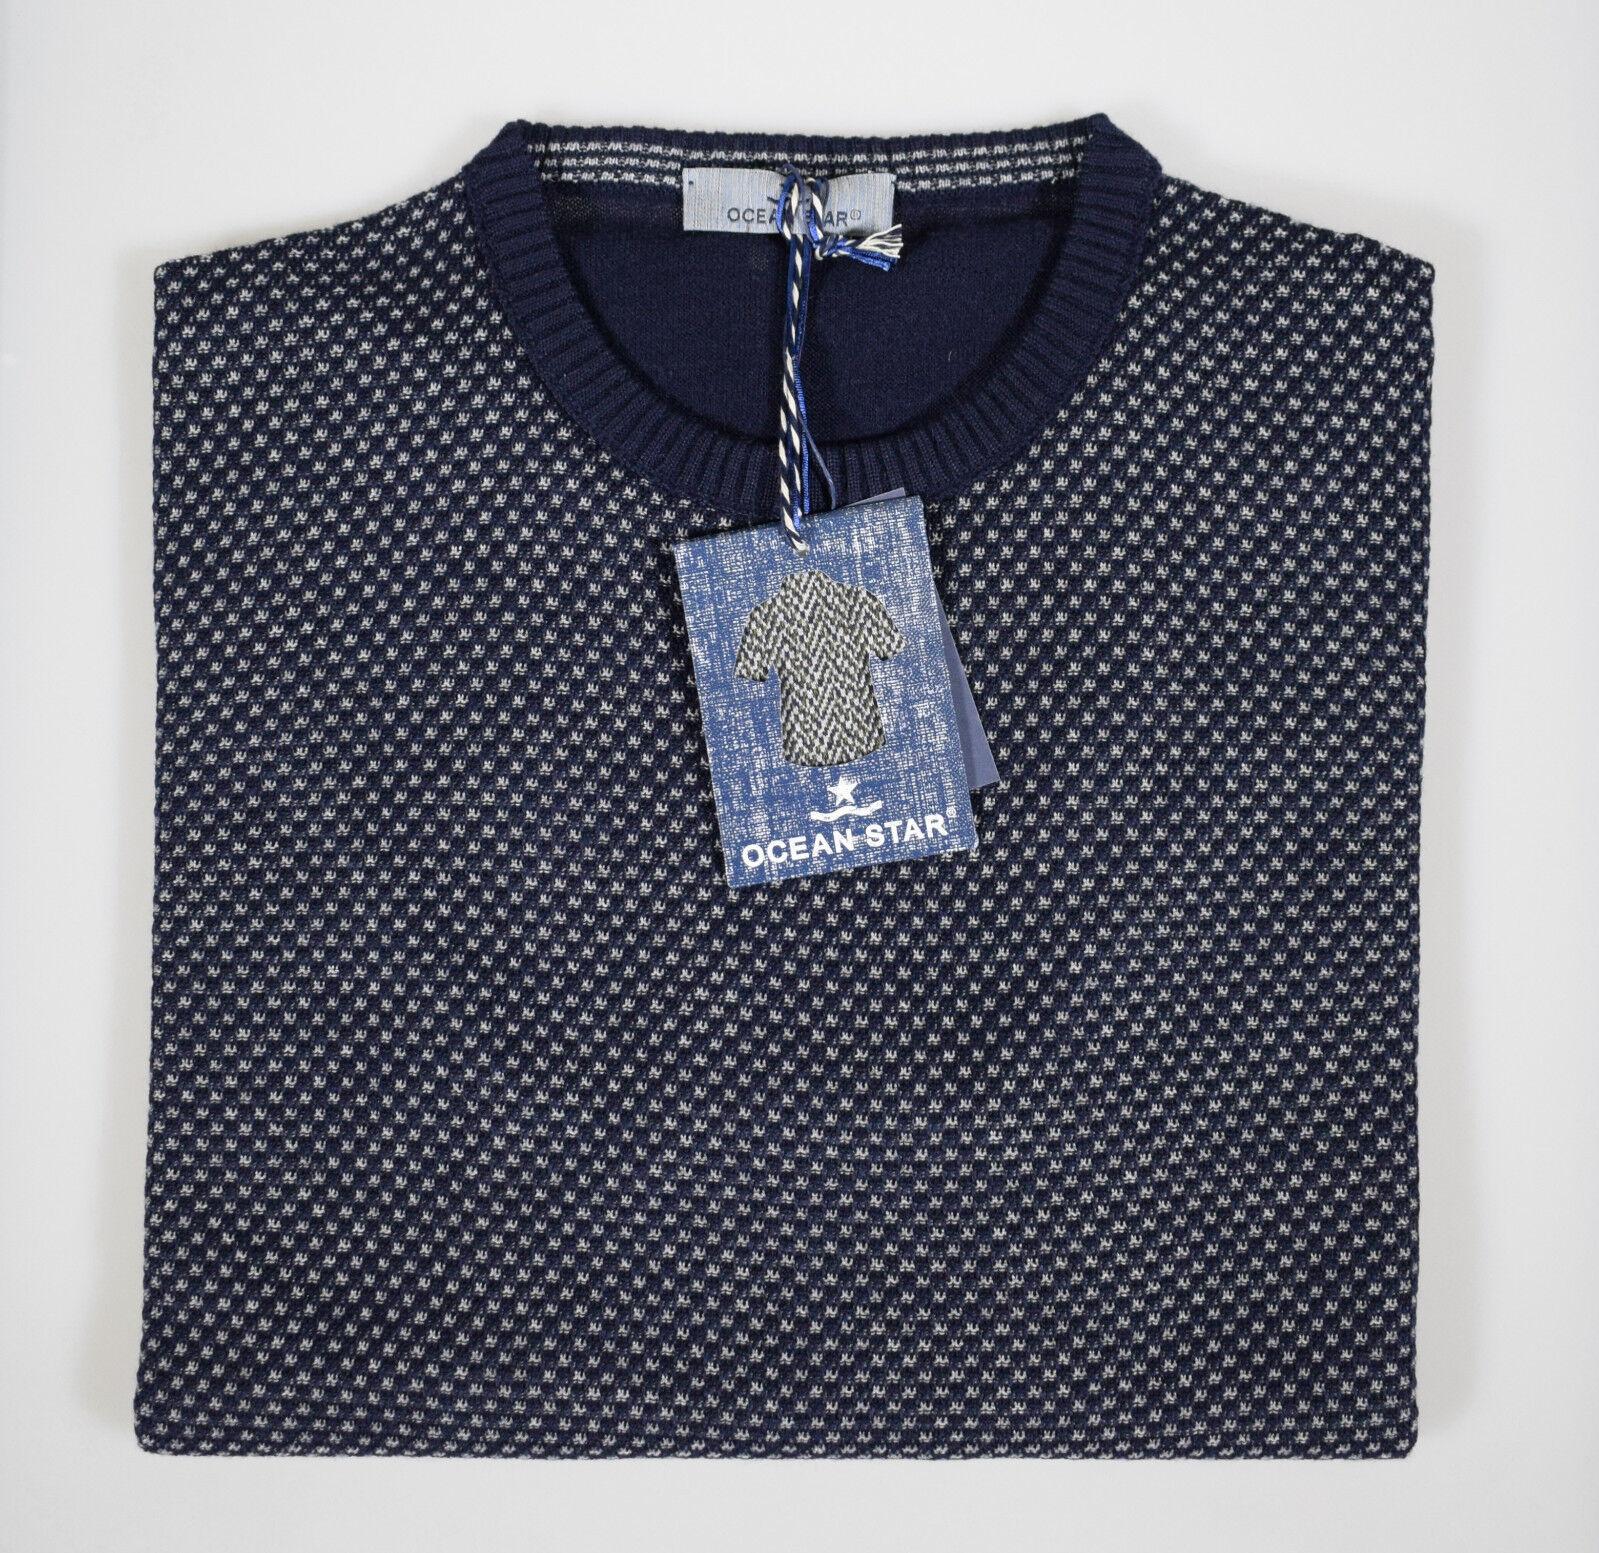 Maglione Ocean Star Giro Collo misto lana pettinata micro fantasia in 2 colori